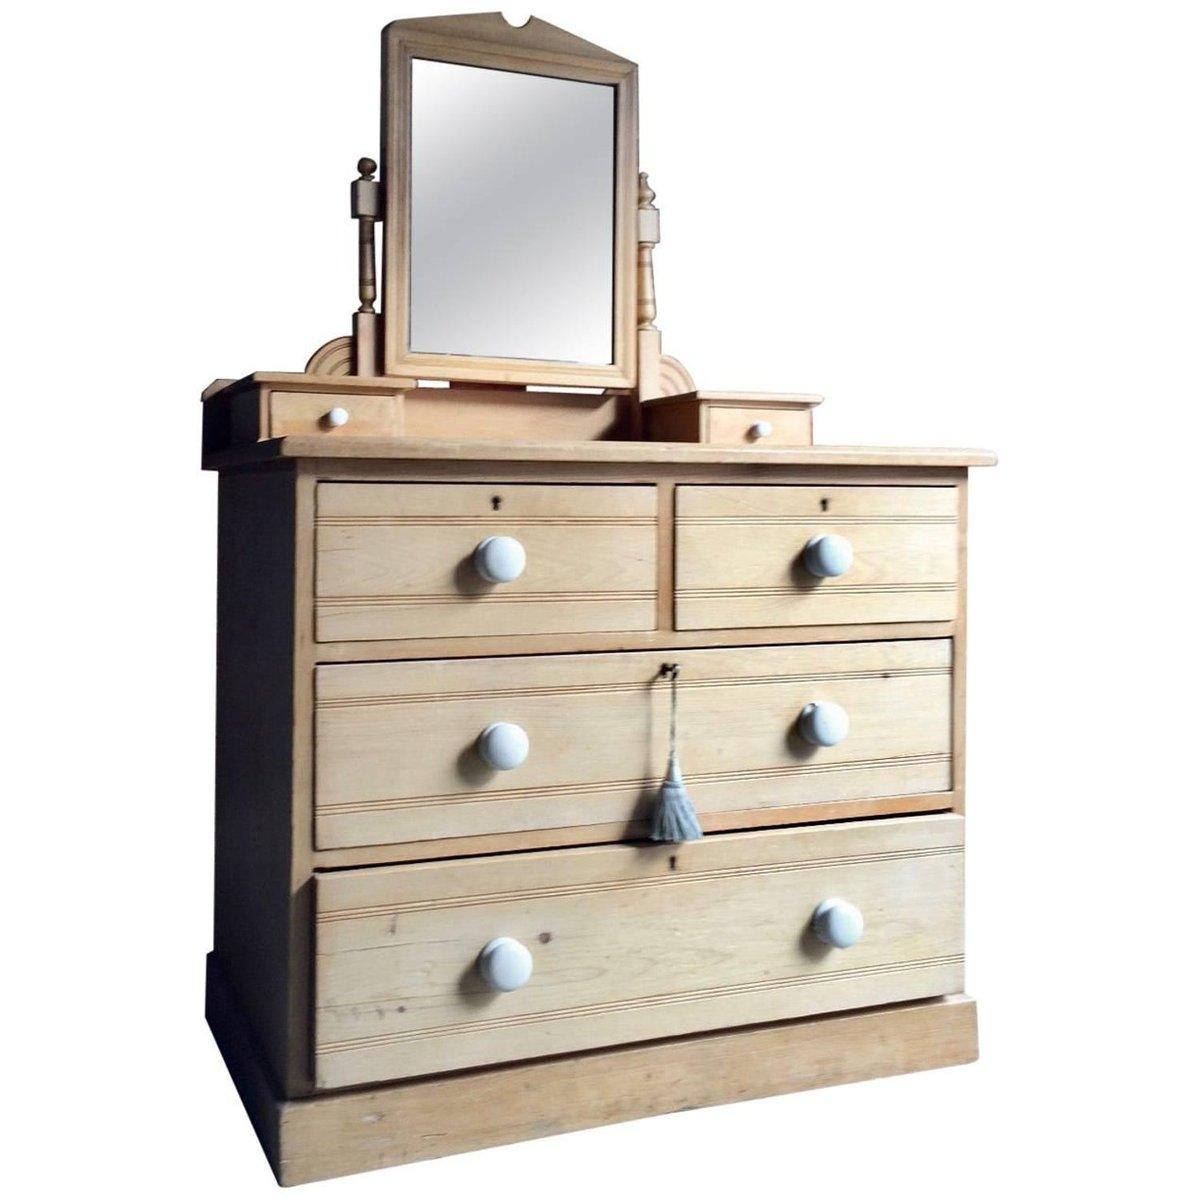 Antique Pine Dresser With Mirror